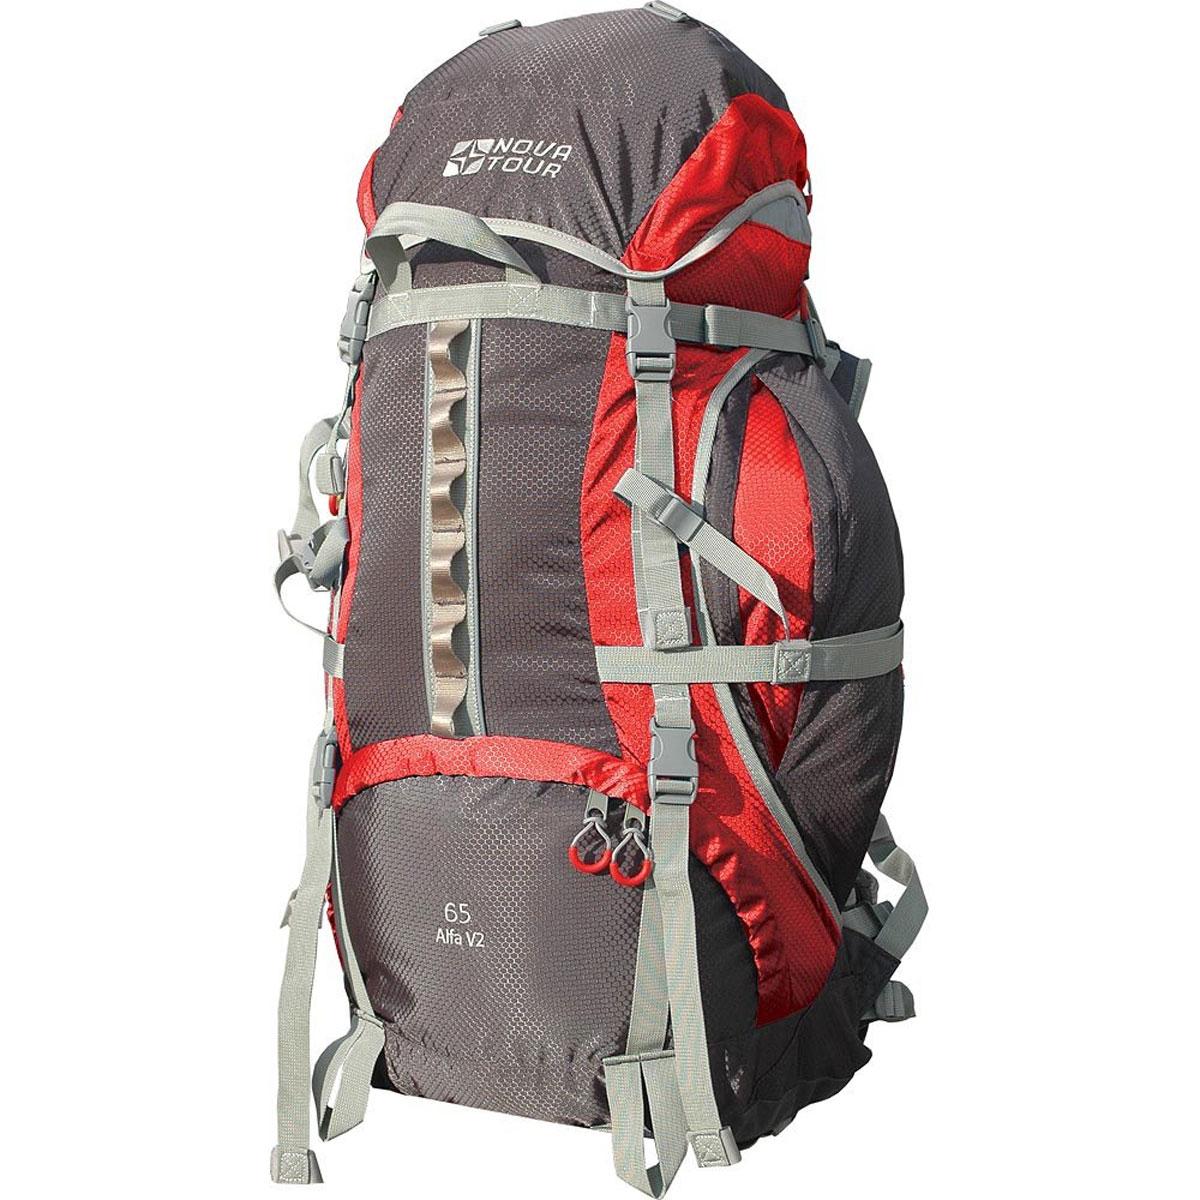 Рюкзак туристический Nova Tour Альфа 65 V2, цвет: серый, красный. 95311-057-0095311-057-00Если вам нравится прыгать с камня на камень или двигаться по узкой горной тропе - этот рюкзак с усиленными стропами специально для вас. Ваша спина будет благодарна за правильно распределяющую вес на плечи и пояс и уменьшающую нагрузку на позвоночник подвесную систему. Теперь доступ к нужным в дневном переходе вещам стал проще благодаря двум вместительным боковым карманам. Если их мало, то на дне рюкзака имеется удобное крепление для габаритных вещей (палатки). Для большего удобства крепления горного инвентаря разработана новая система навески. Если нужно что-то достать со дна рюкзака воспользуйтесь удобным нижним входом. В горах погода переменчива, может внезапно пойти дождь, но вещи всегда будут оставаться сухими, с идущим в комплекте гермочехлом в потайном кармане, на дне рюкзака. На концах боковых стяжек имеются липучки для закрепления излишков стропы.Особенности:Подвеска: ABS V2;Ткань: Poly Oxford 600D PU RipStop;Защитный чехол;Узлы крепления горного снаряжения;Грудная стяжка;Фурнитура Nifco;Светоотражающий кант;Закрепка;Объем: 65 литров.